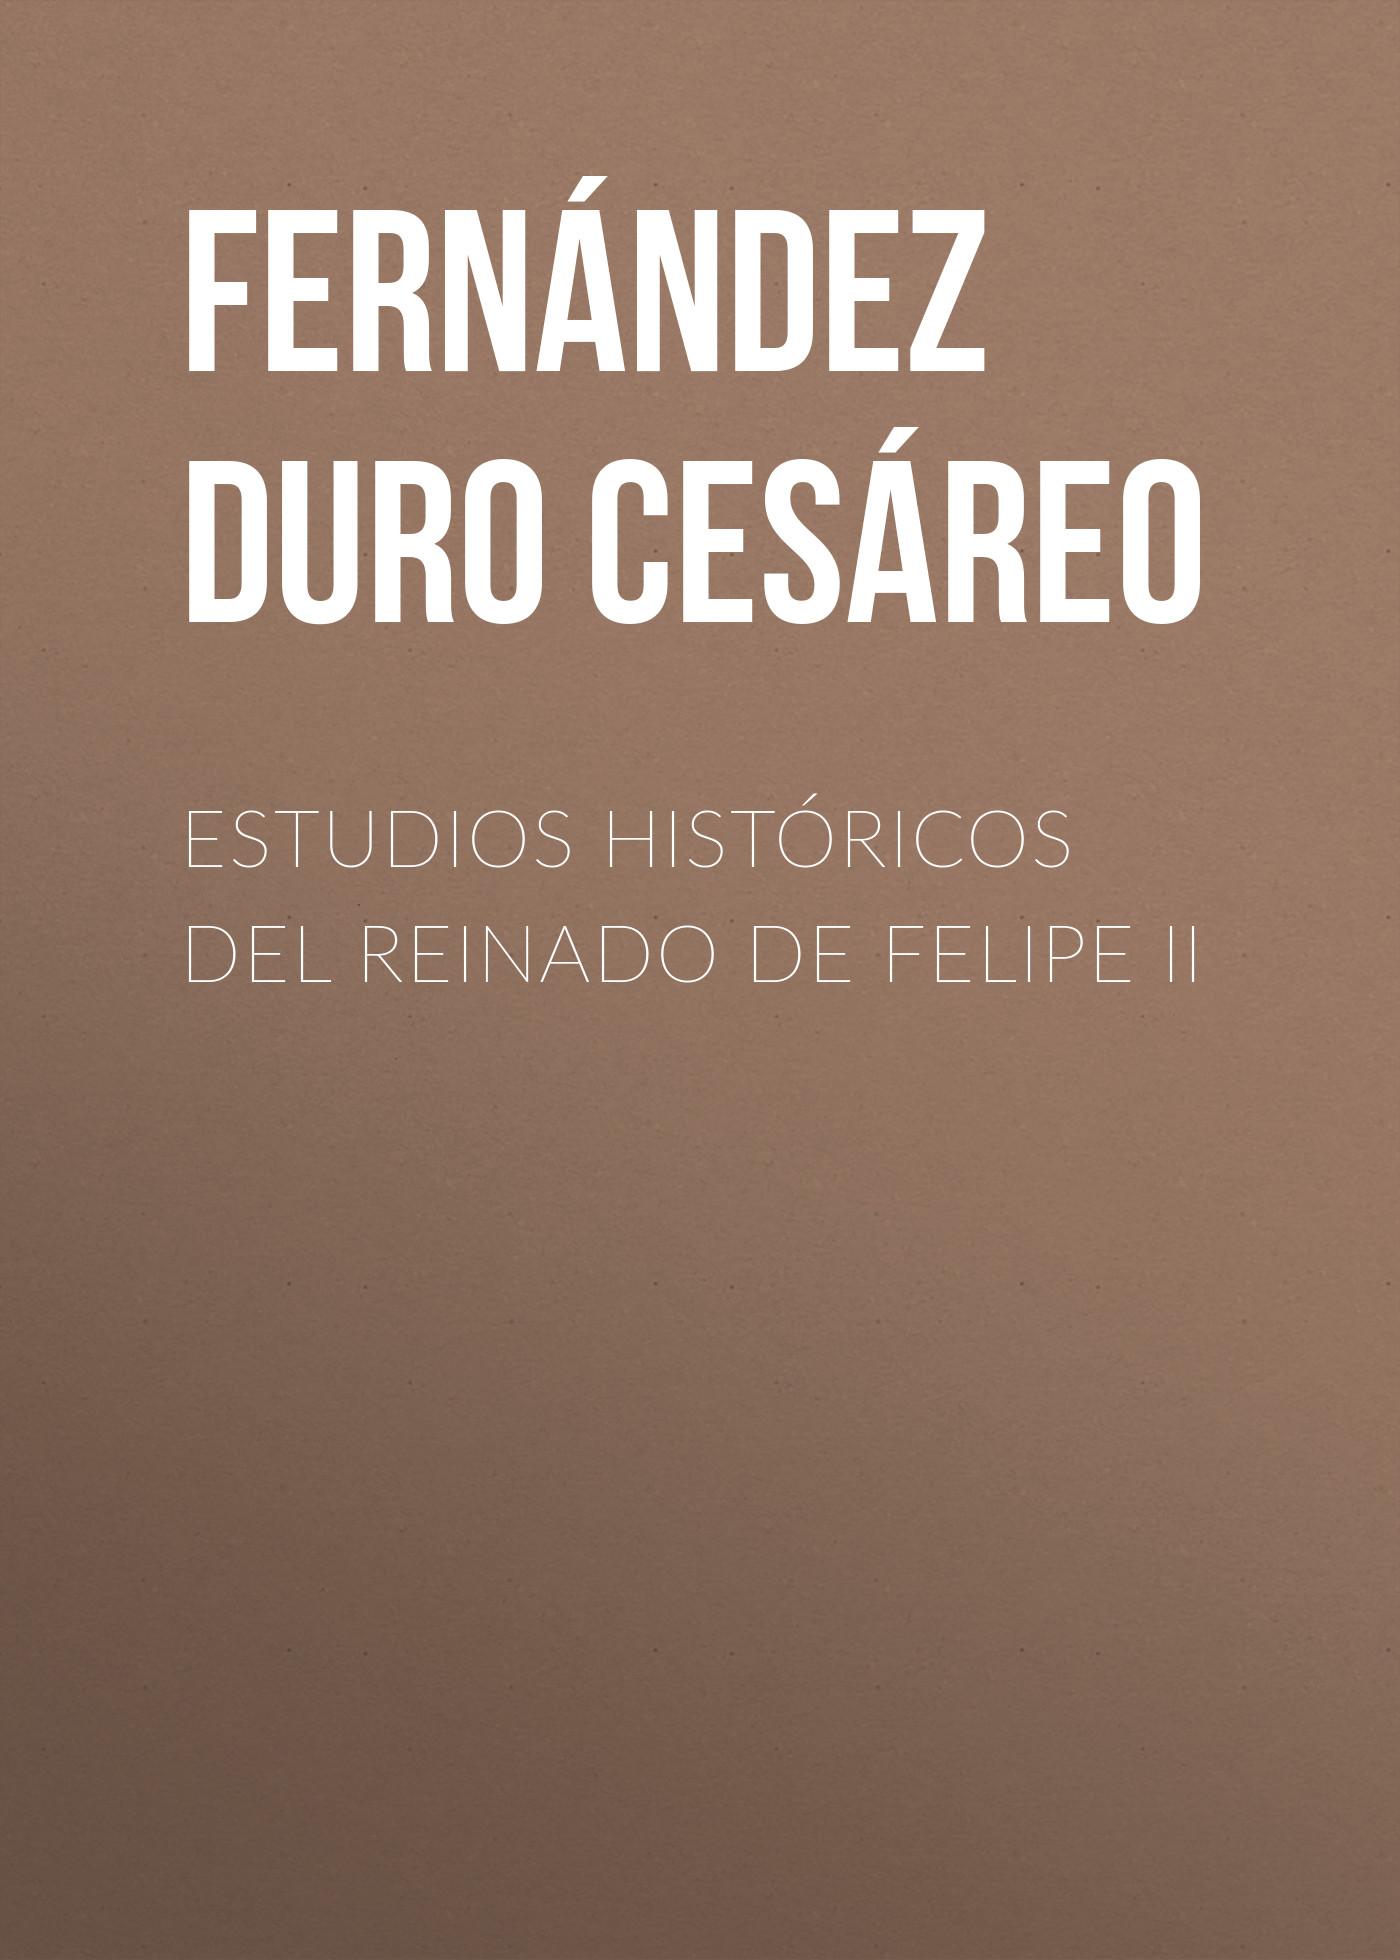 Fernández Duro Cesáreo Estudios históricos del reinado de Felipe II antonio cánovas del castillo obras vol 2 estudios del reinado de felipe iv classic reprint